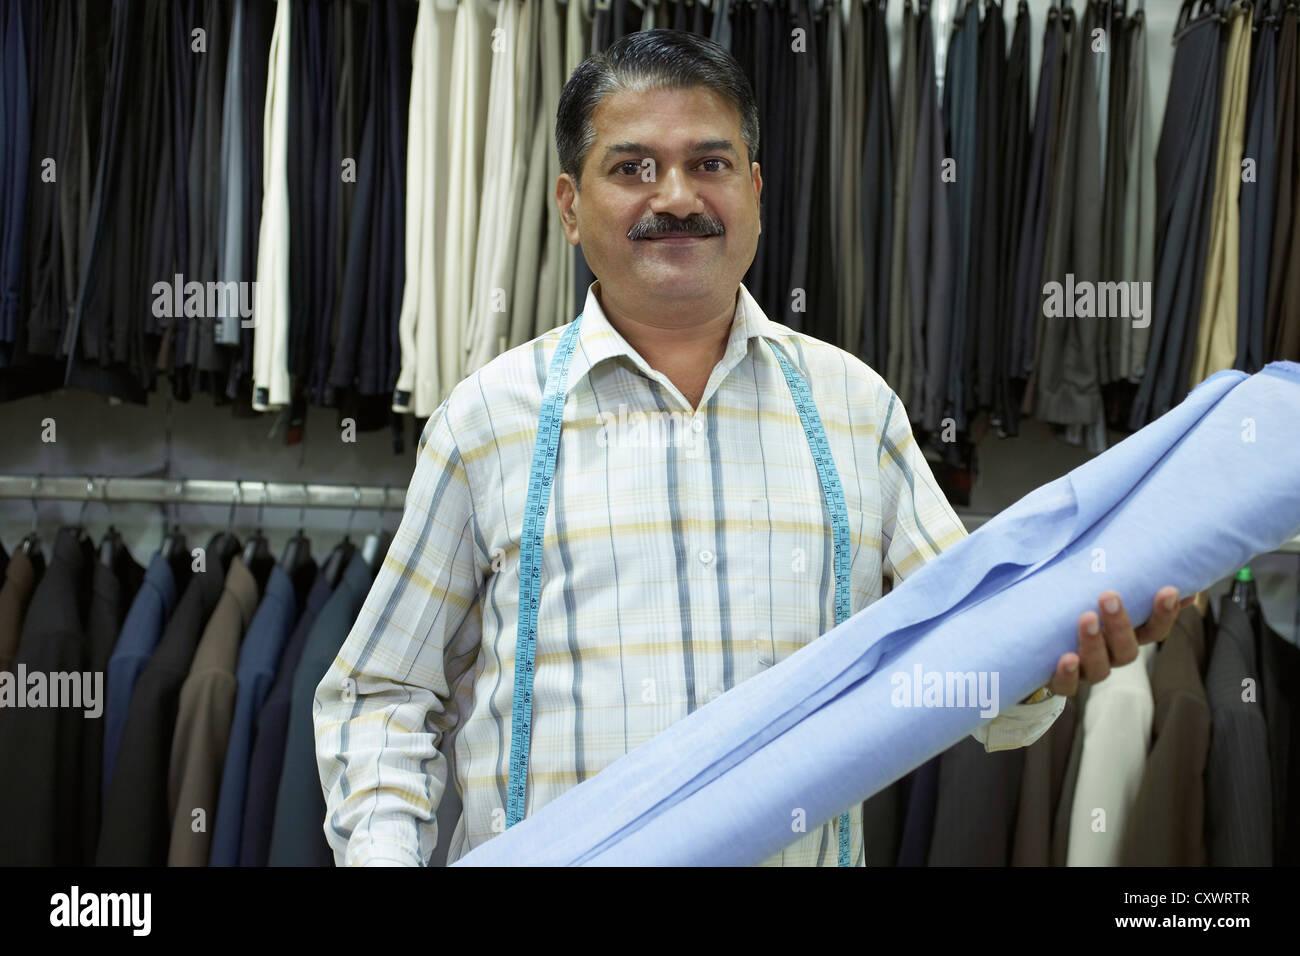 Sarto holding tessuto in negozio Immagini Stock